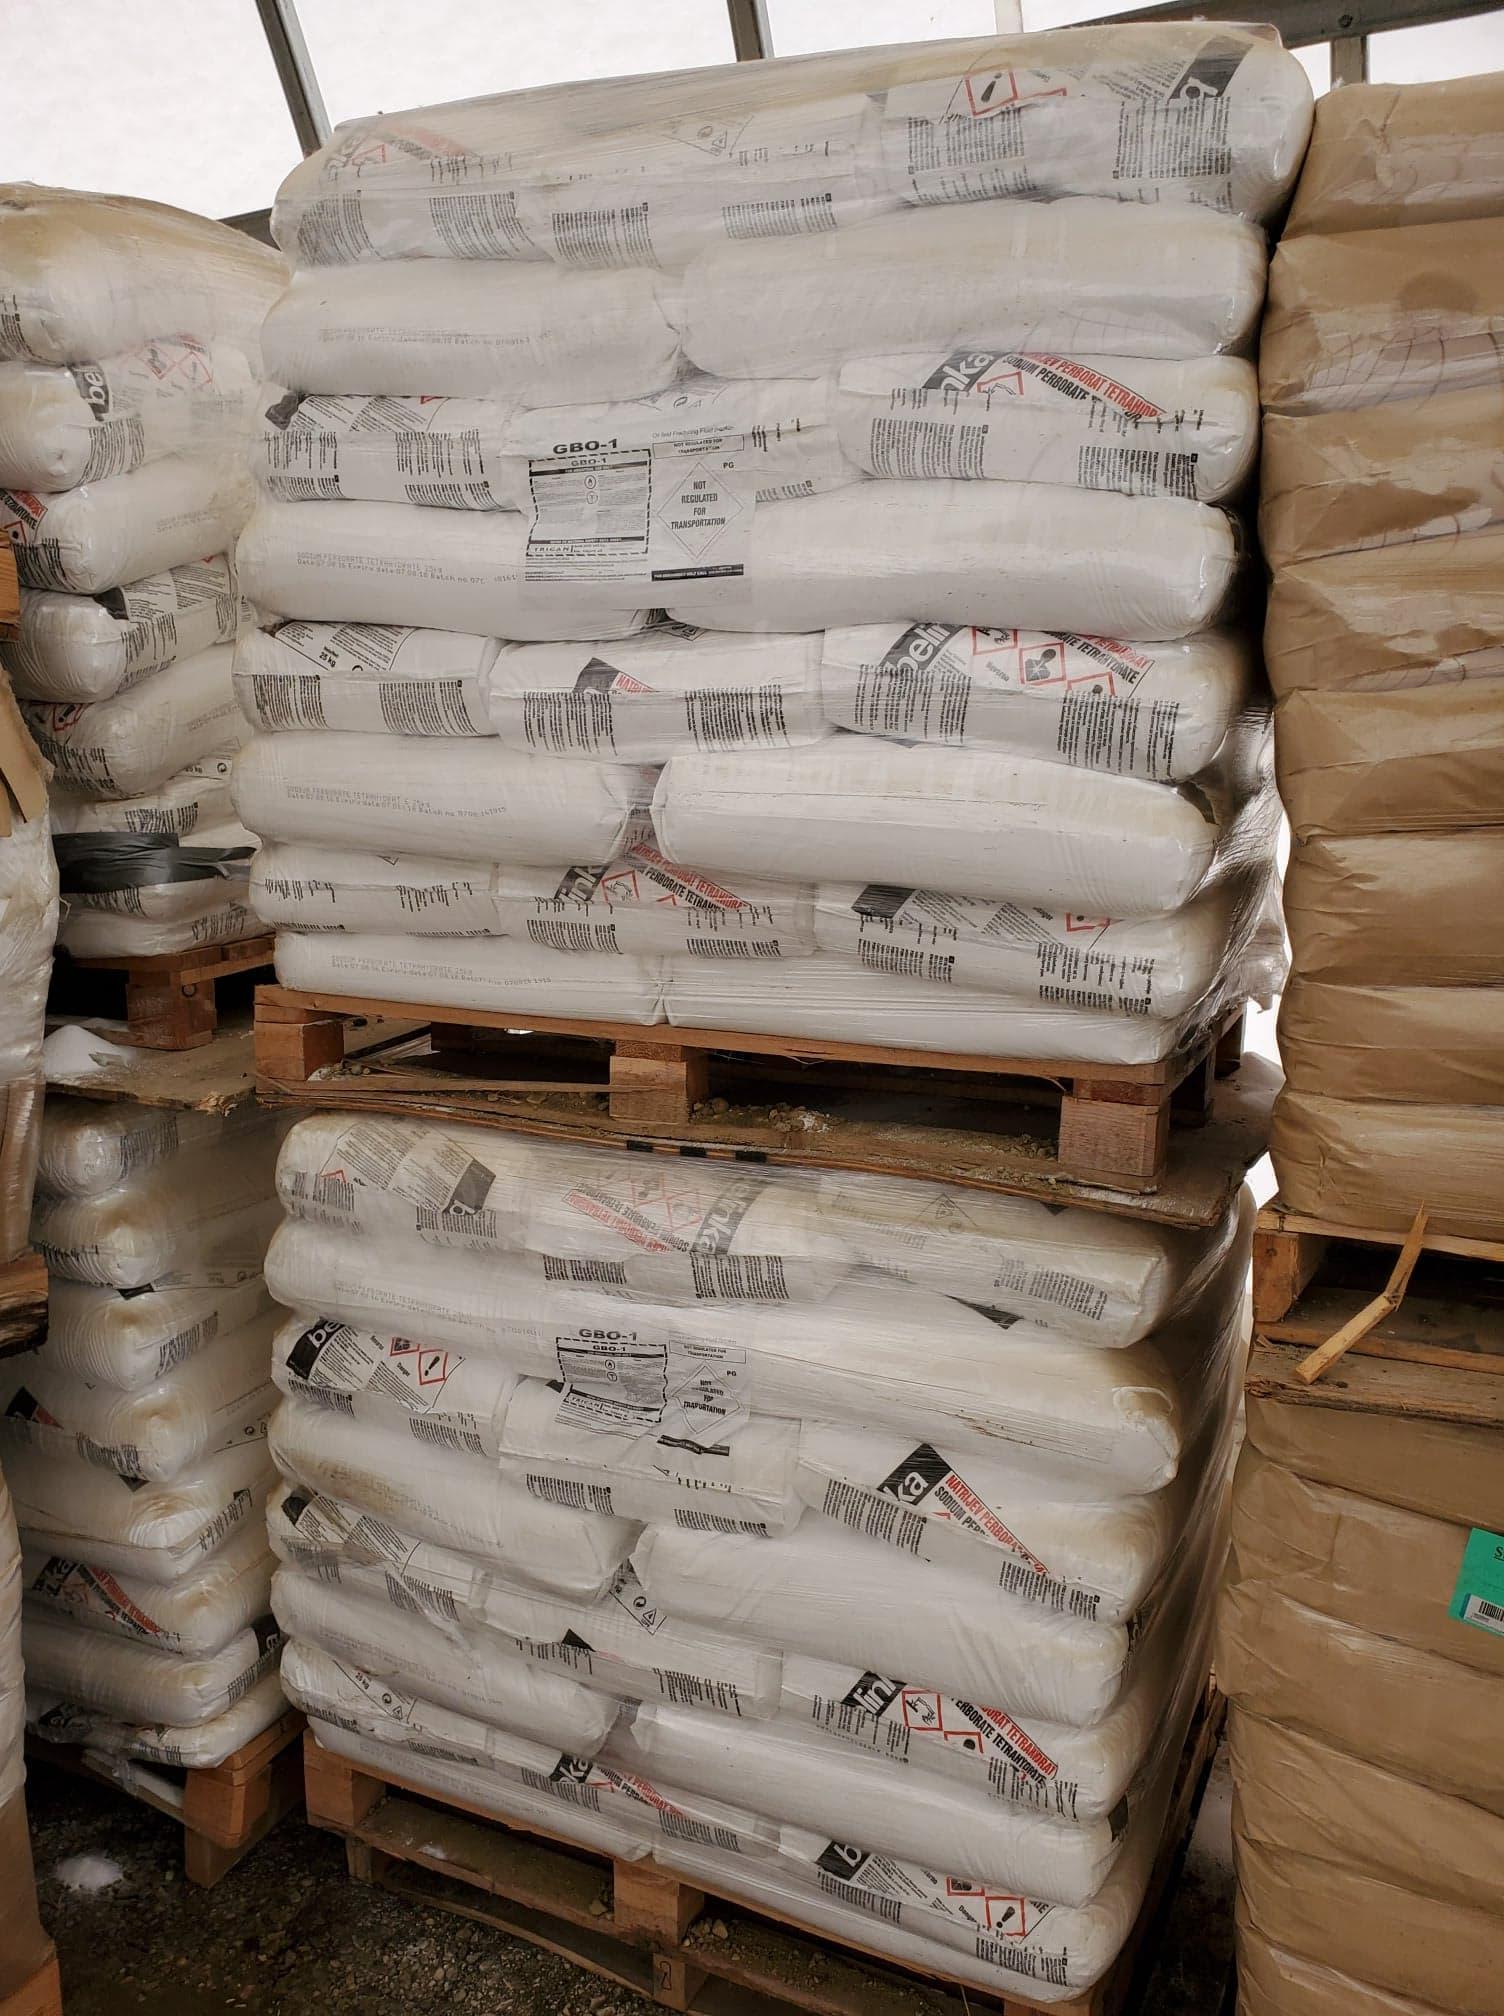 Sodium Perborate Tetrahydrate, Breaker Encap & Encapsulated Citric Acid (12,962.76 Kg)